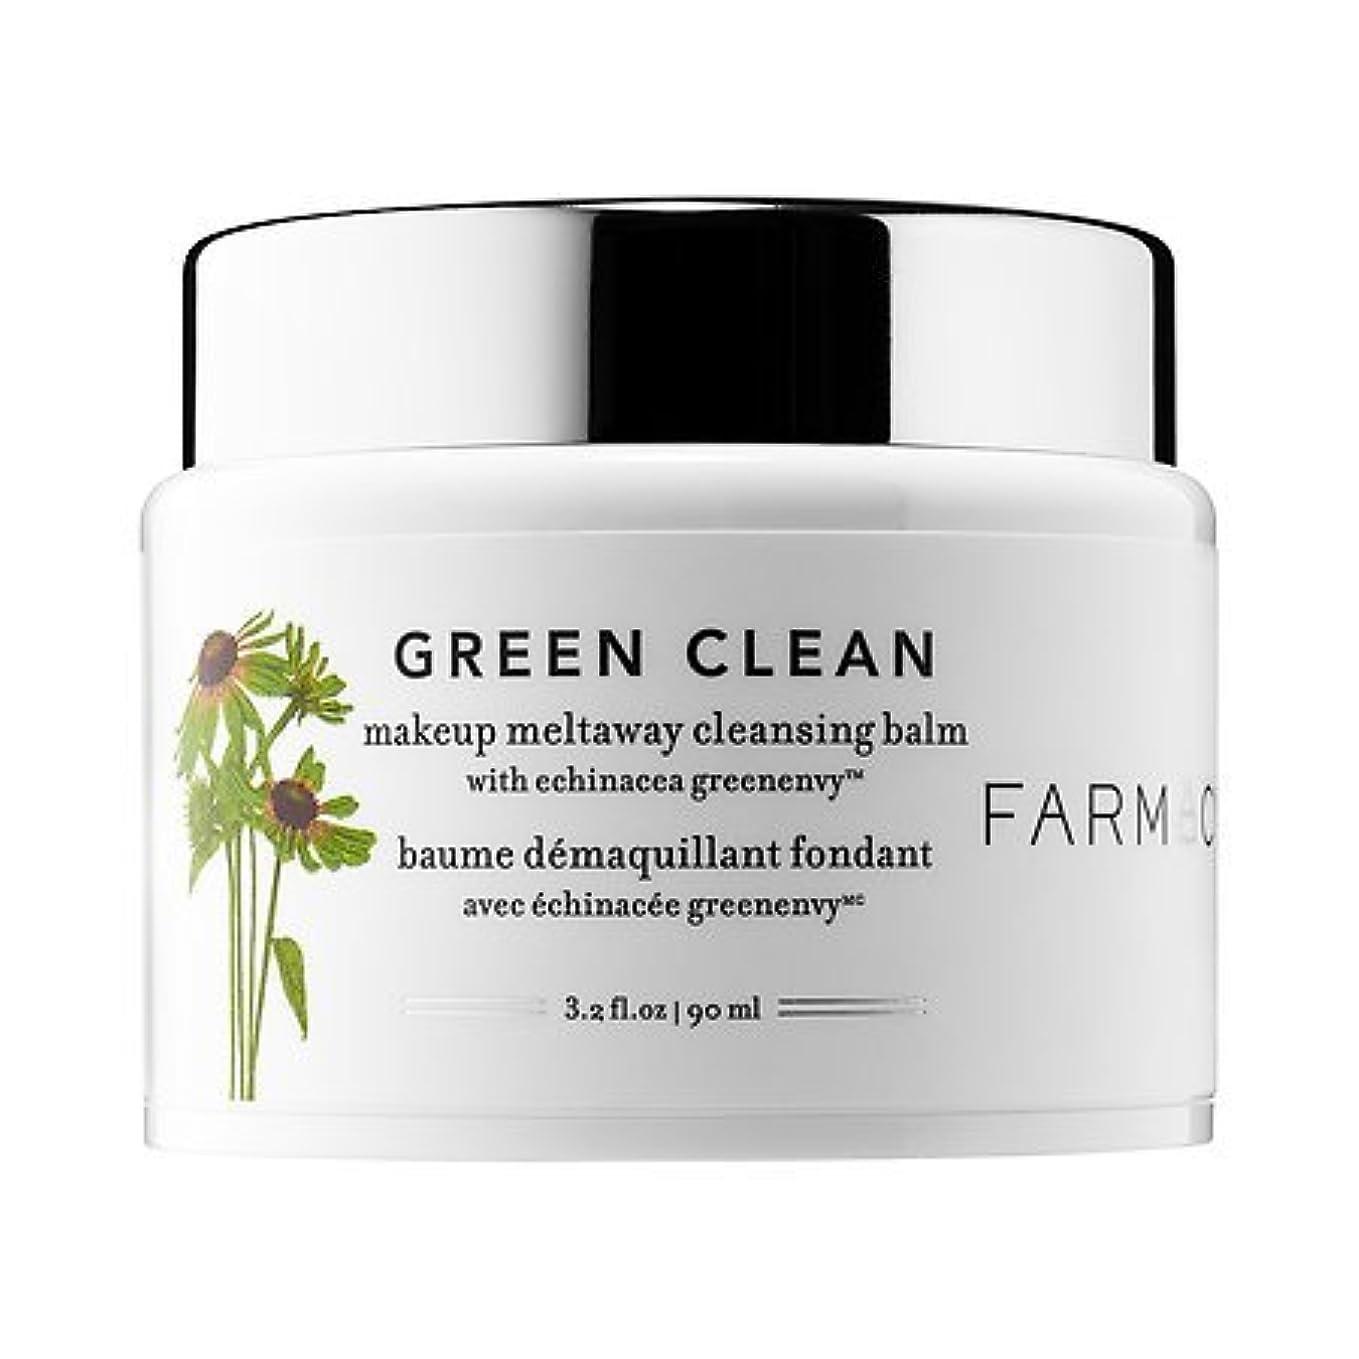 完全に乾く鮮やかな伝えるファーマシー Farmacy クレンジングバーム (90ml) グリーンクリーン クレンジング